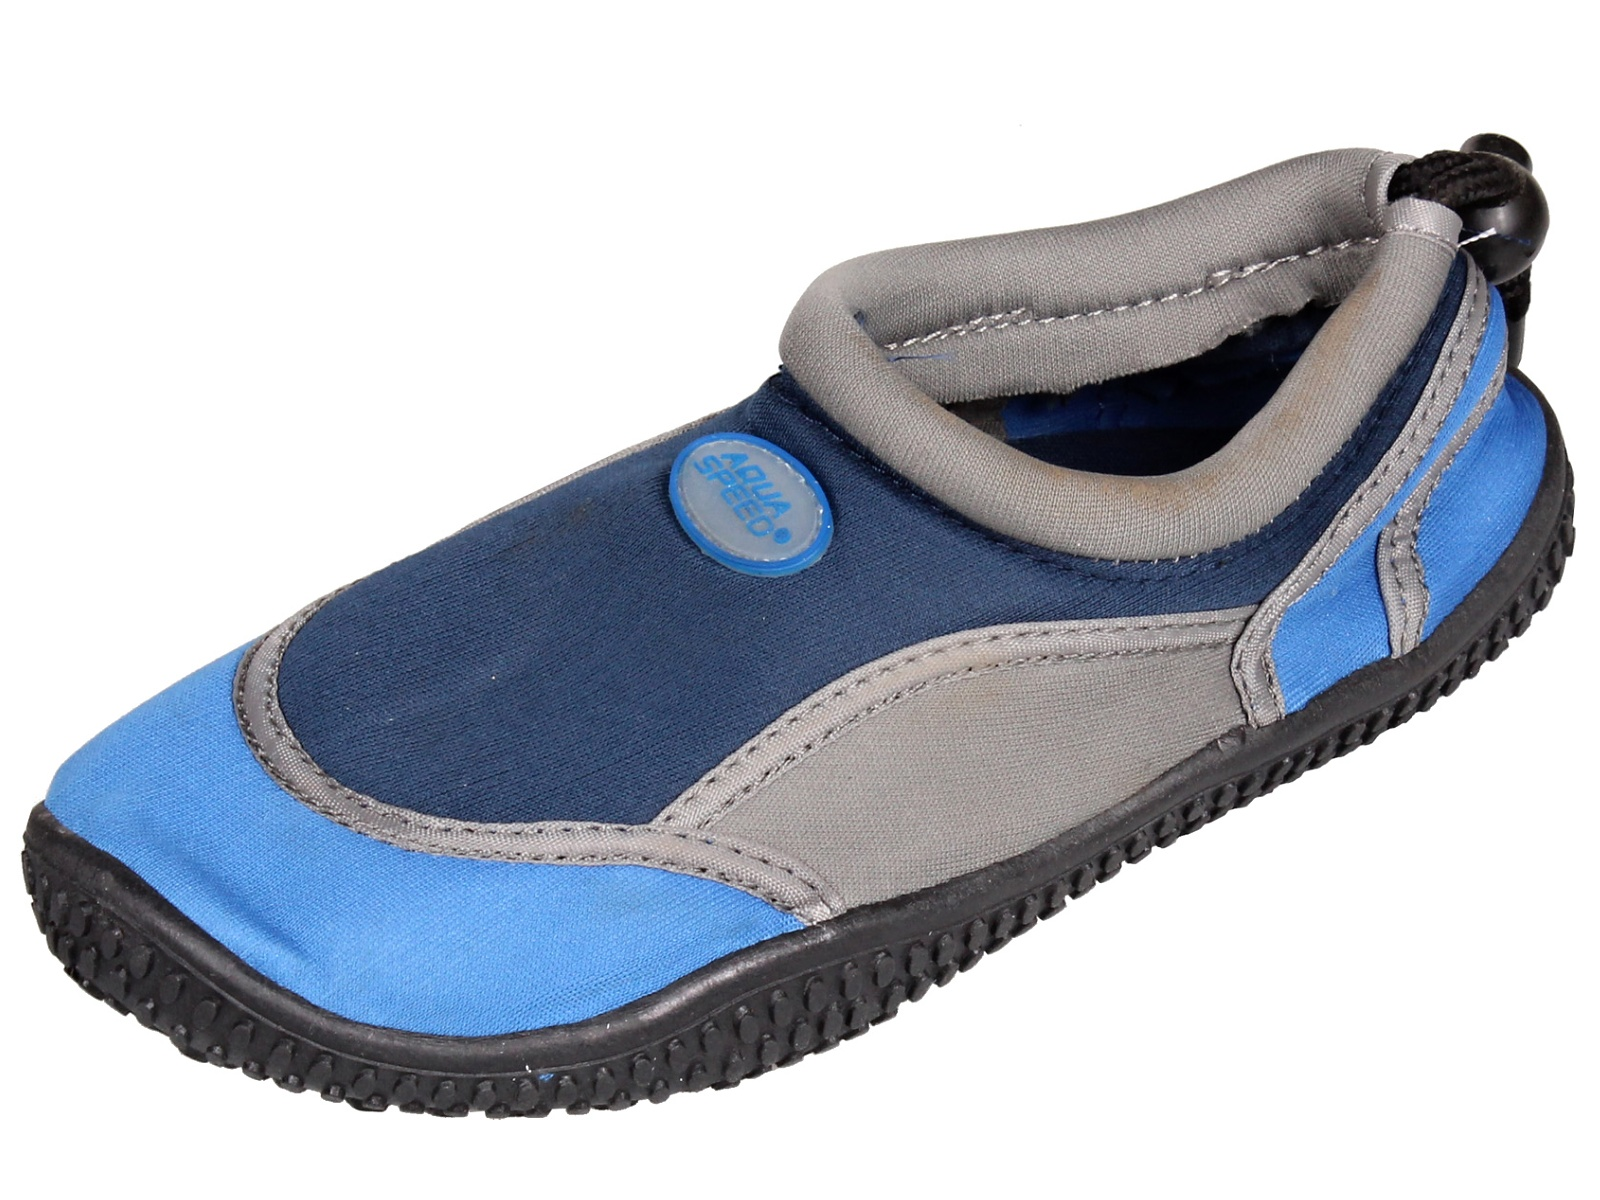 Boty do vody AQUA-SPEED 21A dětské modré - vel. 29